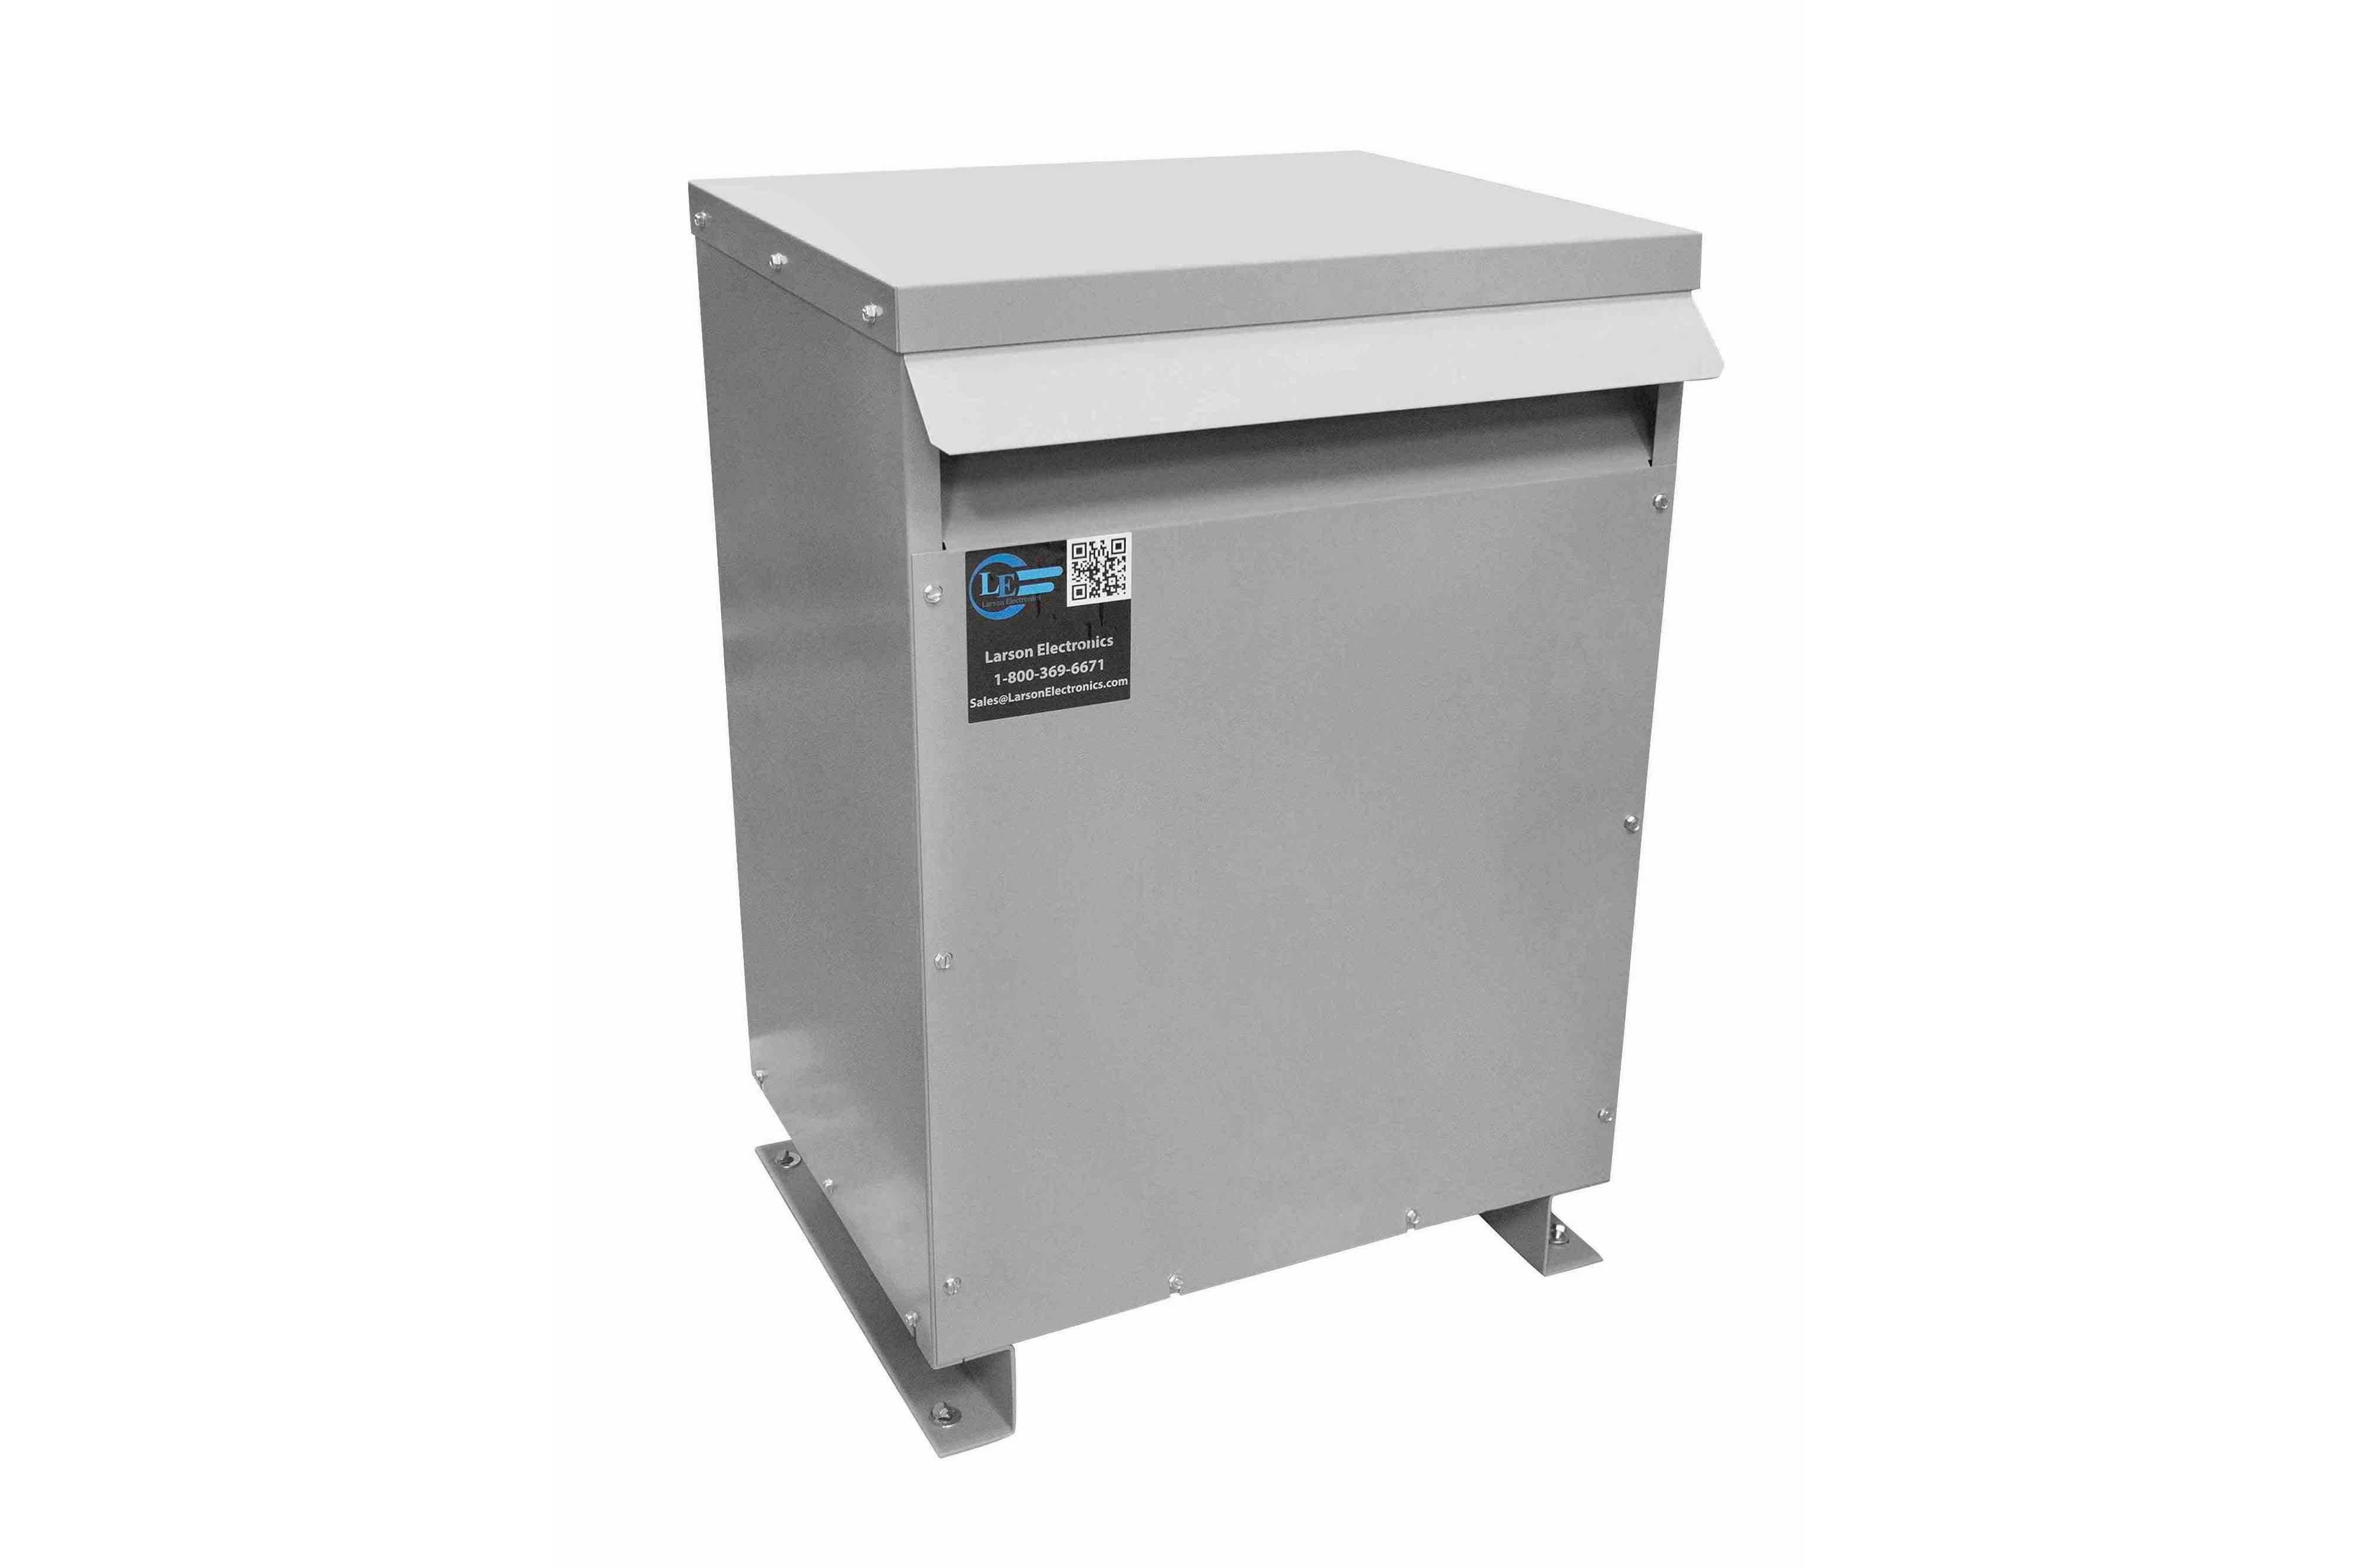 13 kVA 3PH Isolation Transformer, 440V Delta Primary, 240 Delta Secondary, N3R, Ventilated, 60 Hz